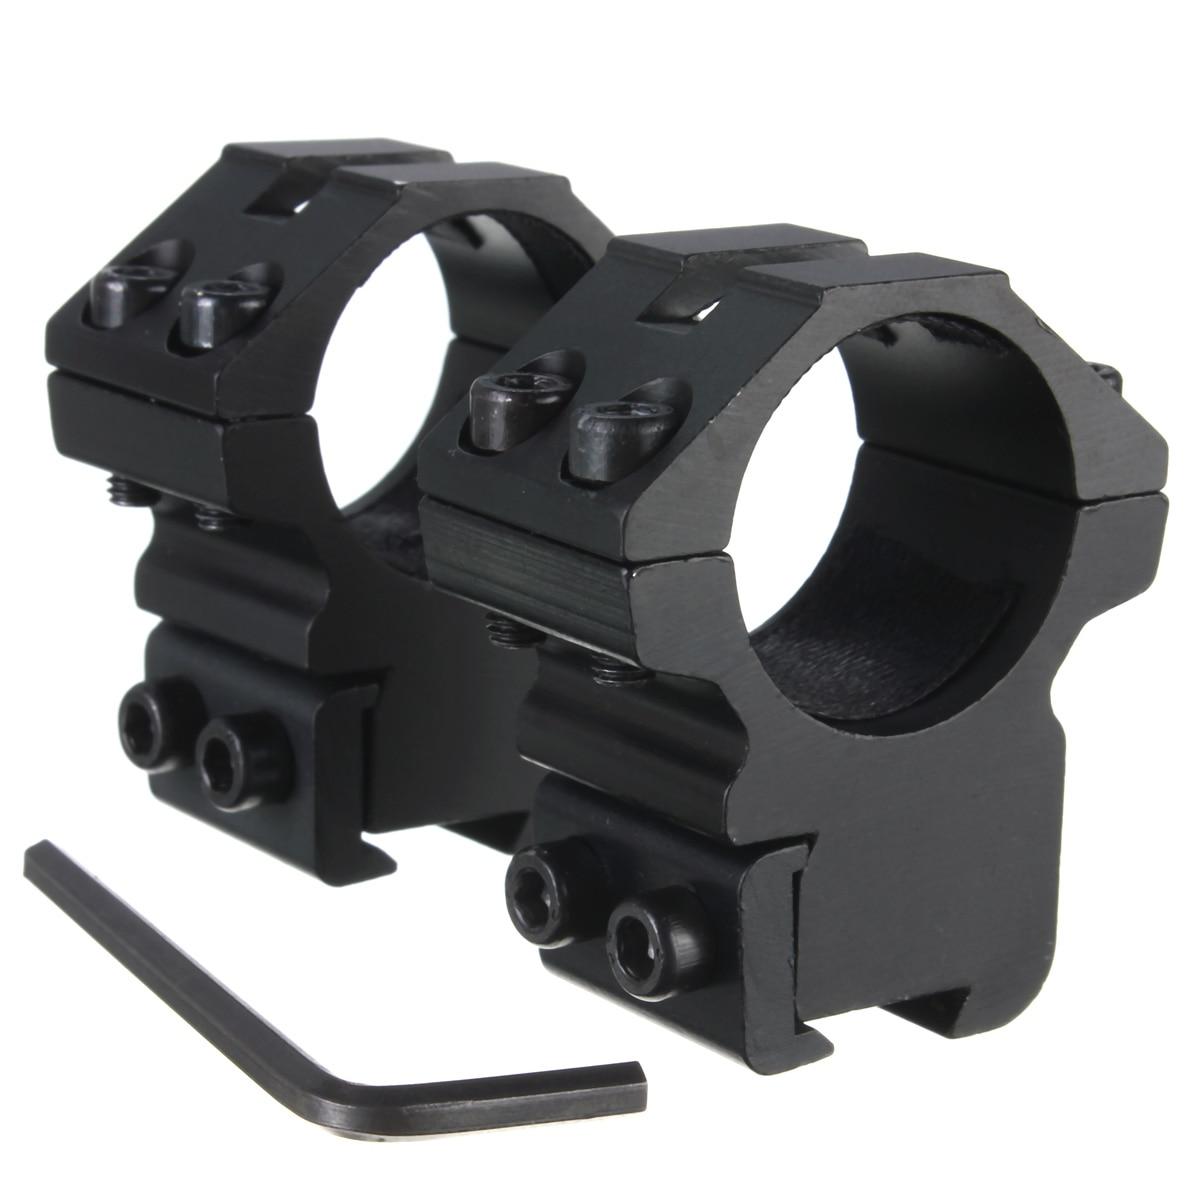 """Jiguoor 2 xmedianos Perfil de 25,4mm 1 """"montaje alcance linterna láser vista anillos de perfil medio riel Picatinny Weaver 11mm montaje en carril"""